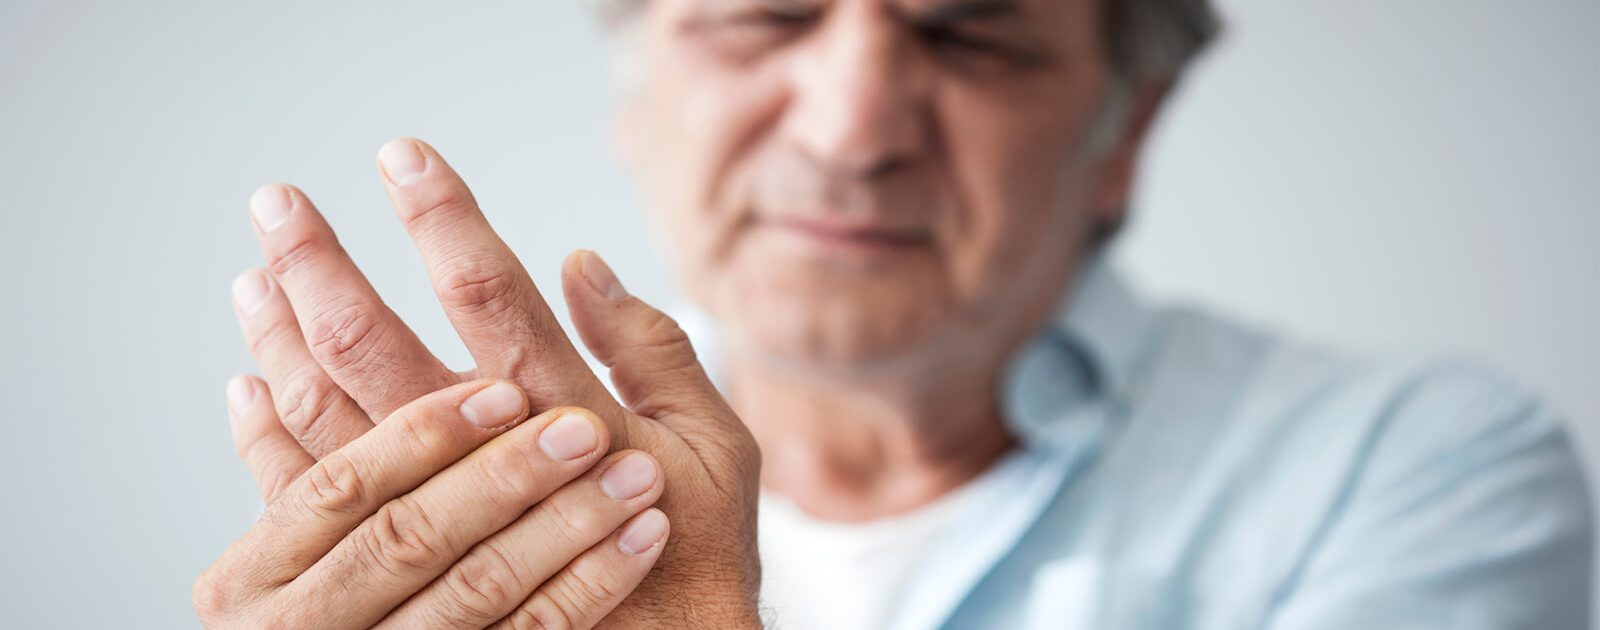 Mann hält sich den kribbelnden Arm aufgrund einer Nervenschädigung.